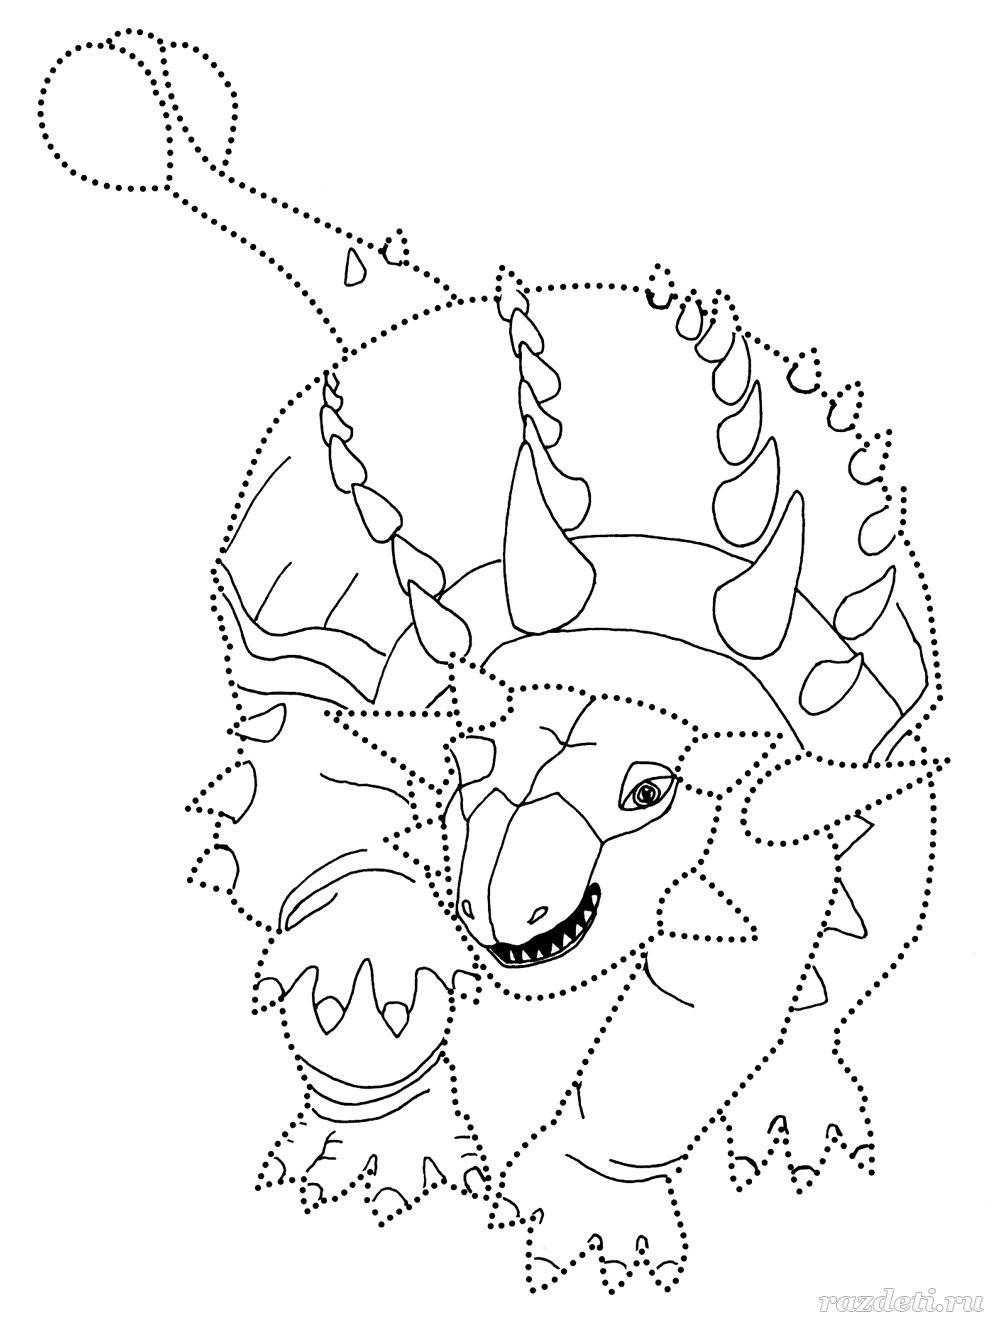 Раскраска анкилозавра Анкилозавр